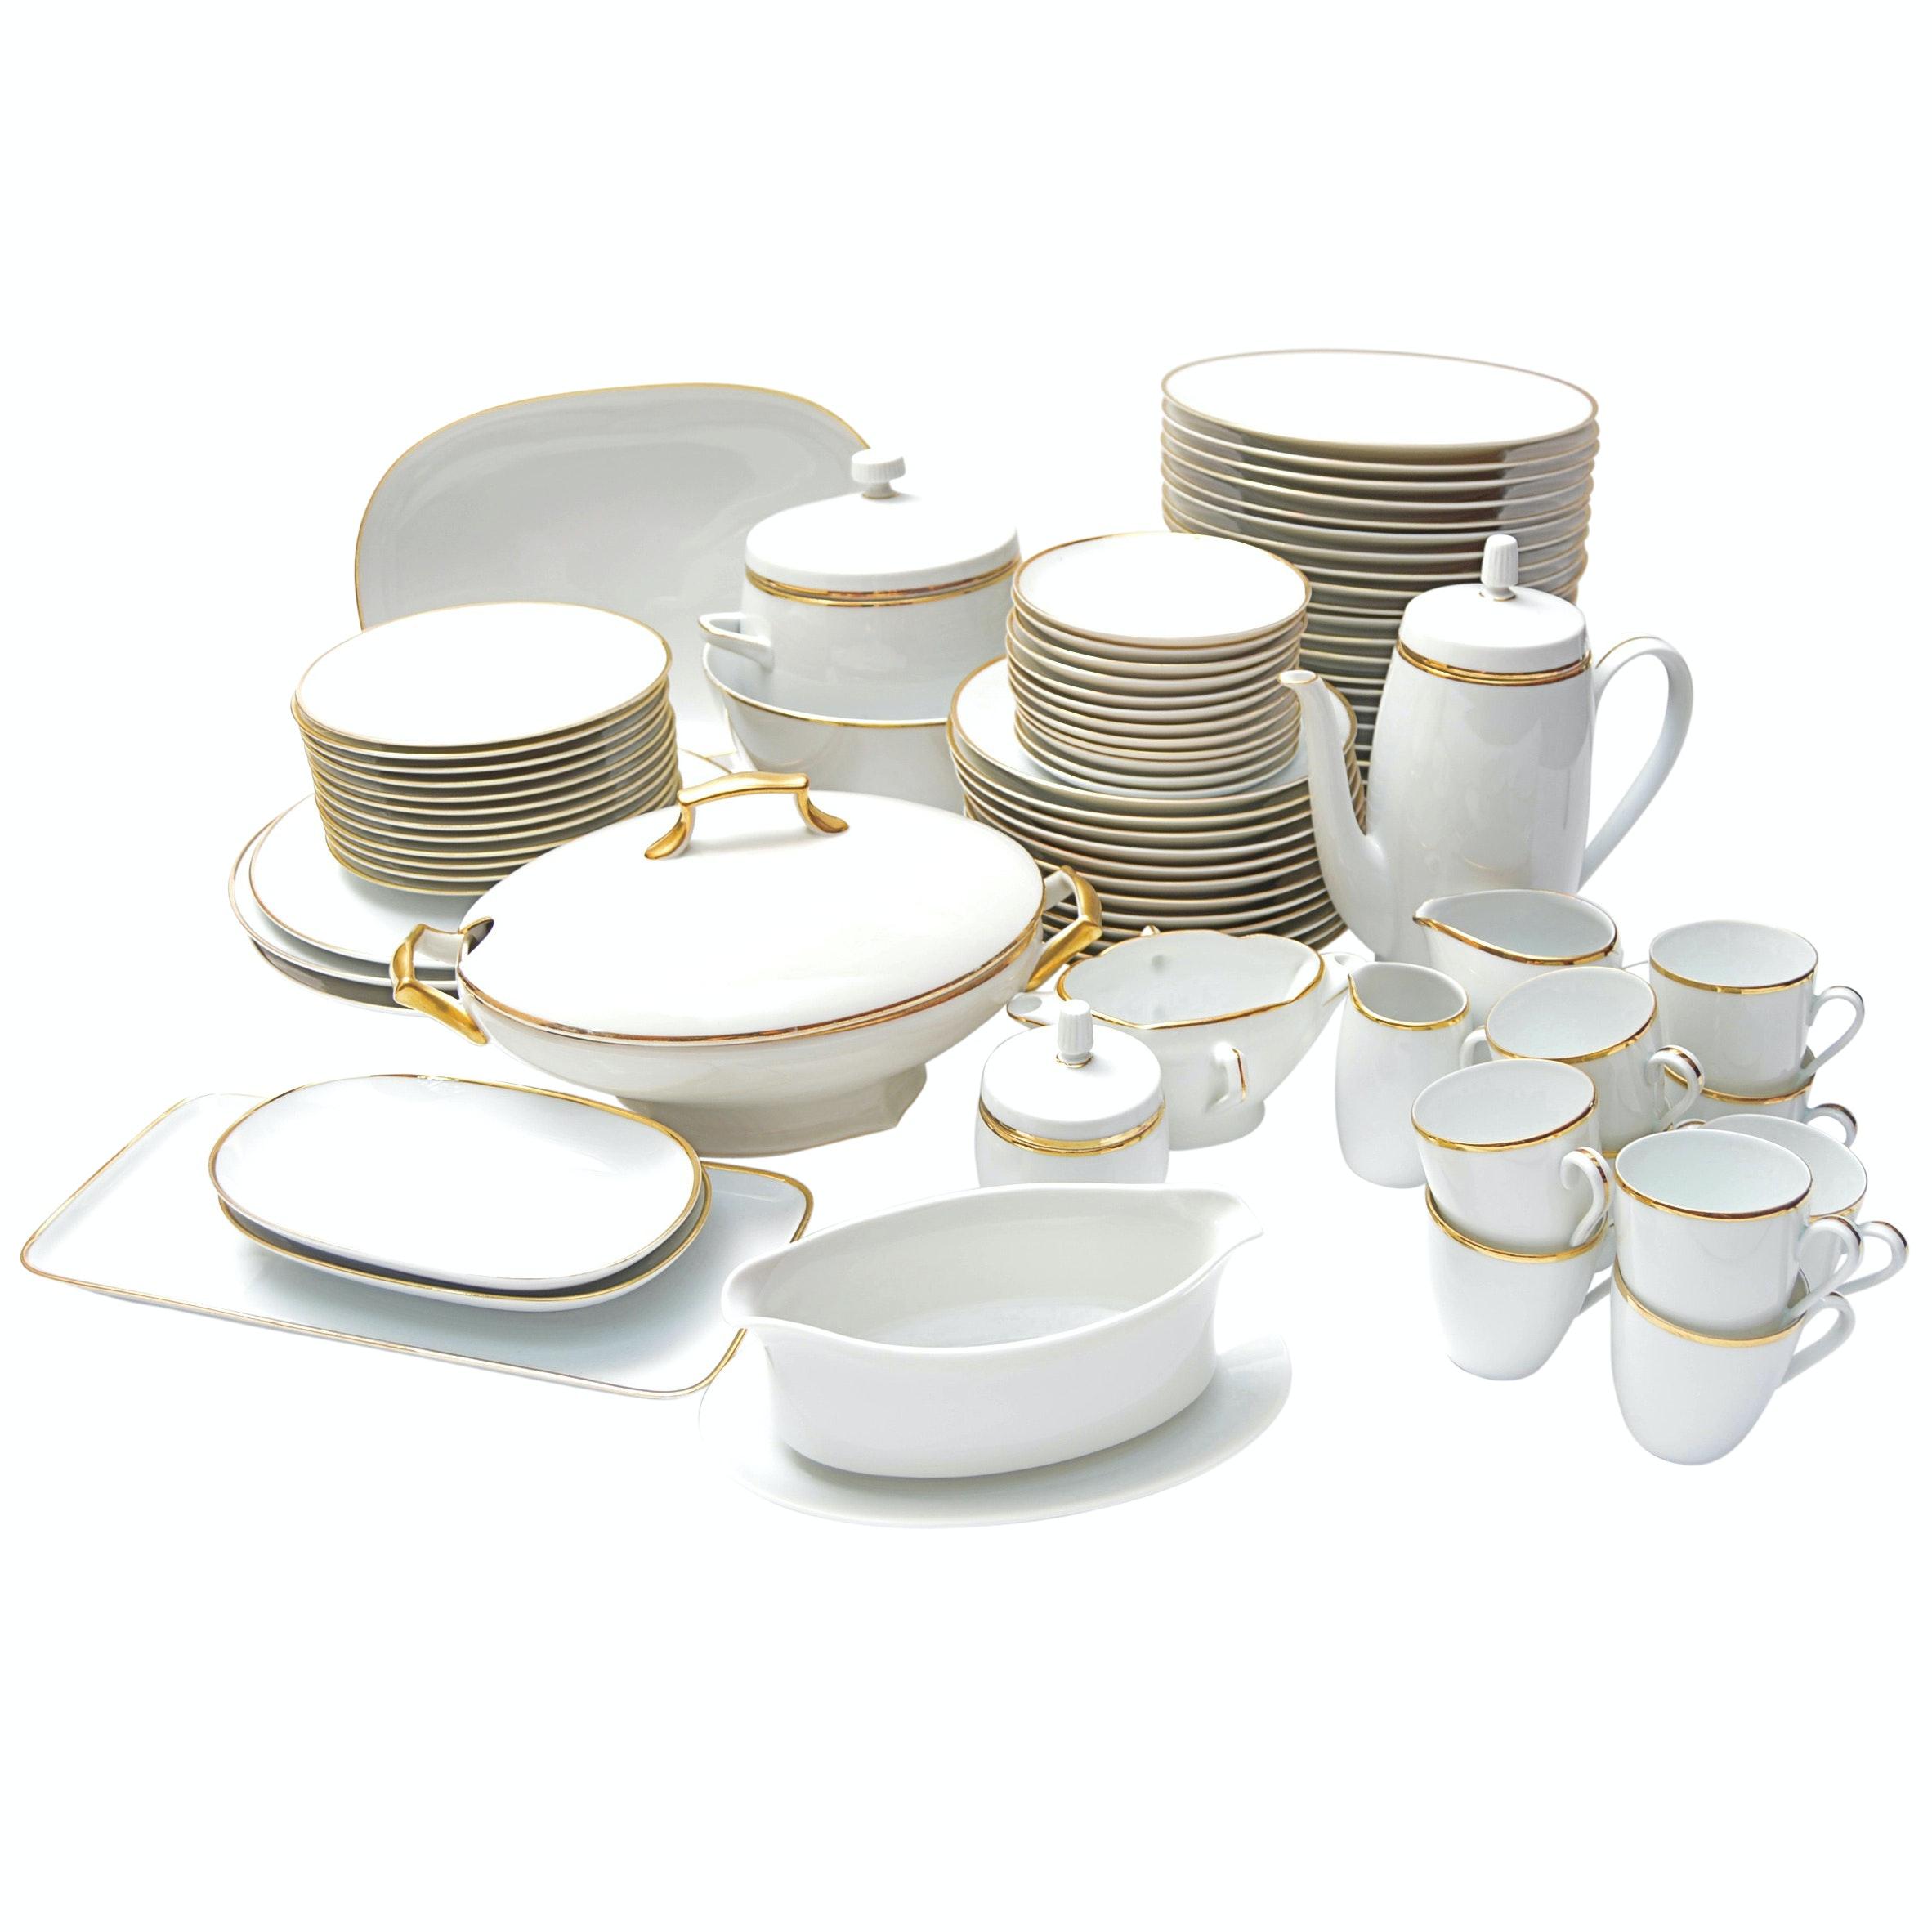 German Gold-Banded Porcelain Dinner Service